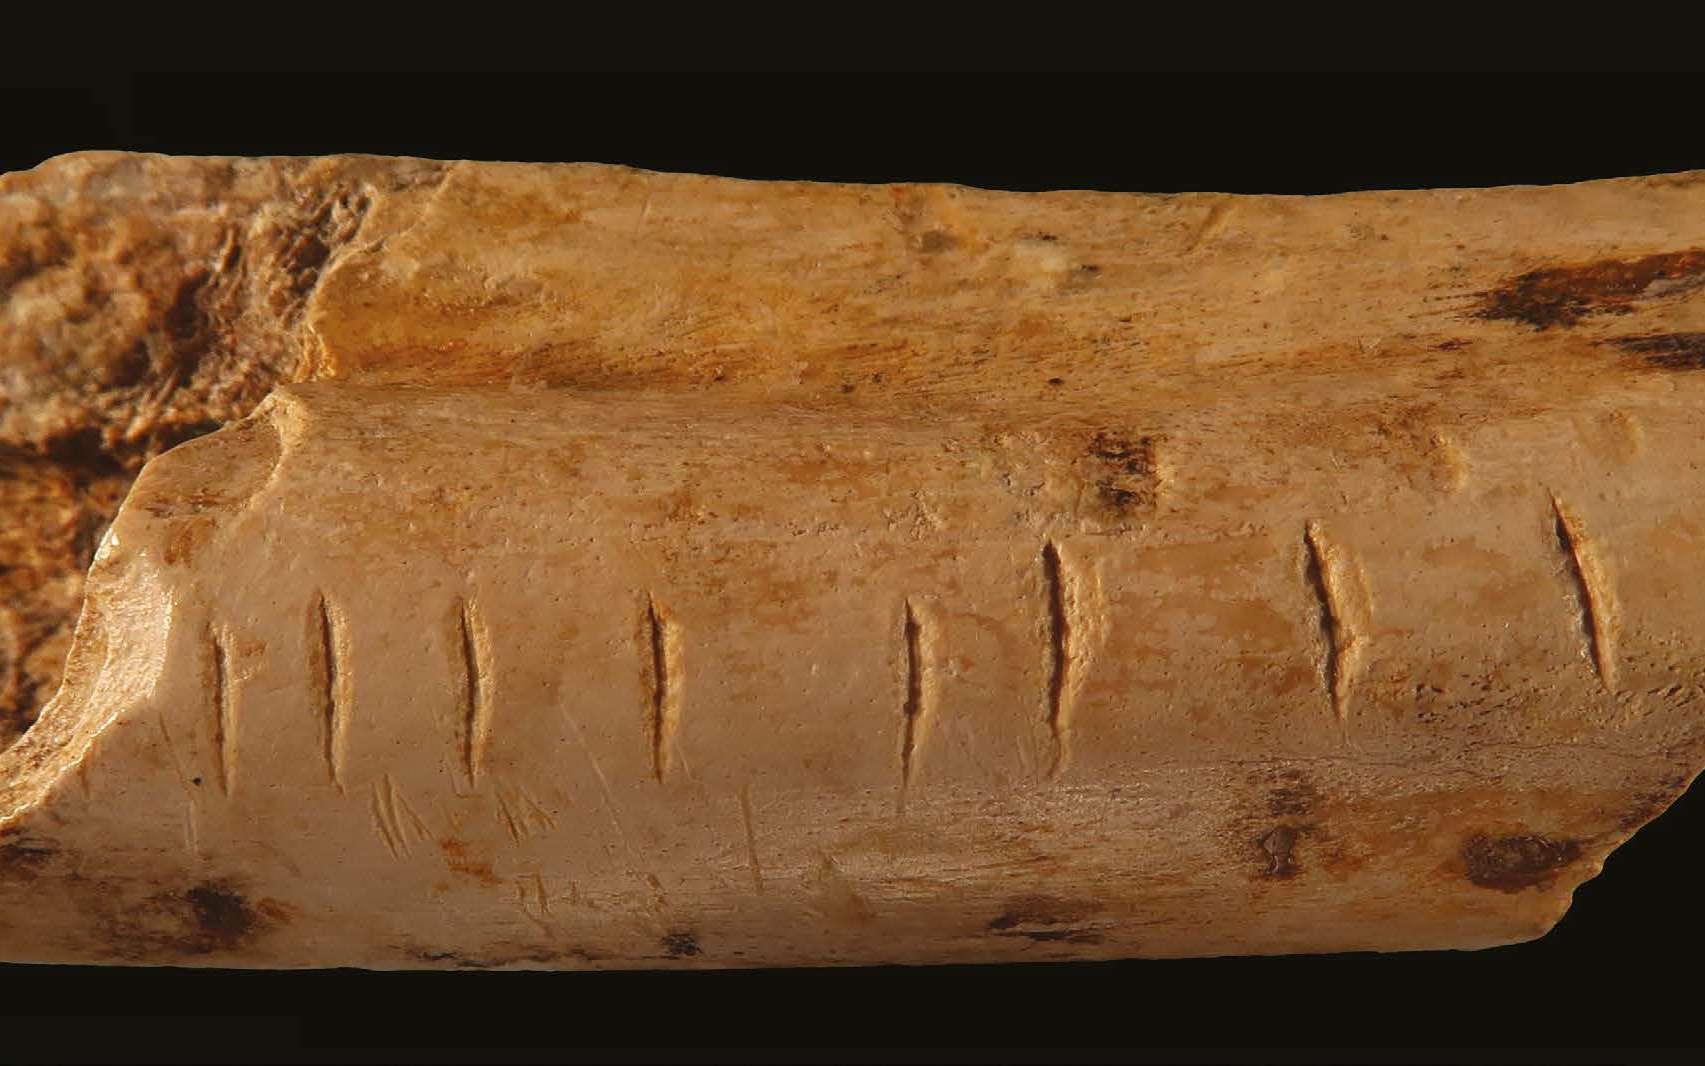 Des marques régulières gravées par Néandertal sur un os de hyène attestent de l'origine ancienne des systèmes de comptage développées par l'Homme. © d'Errico et al., 2018